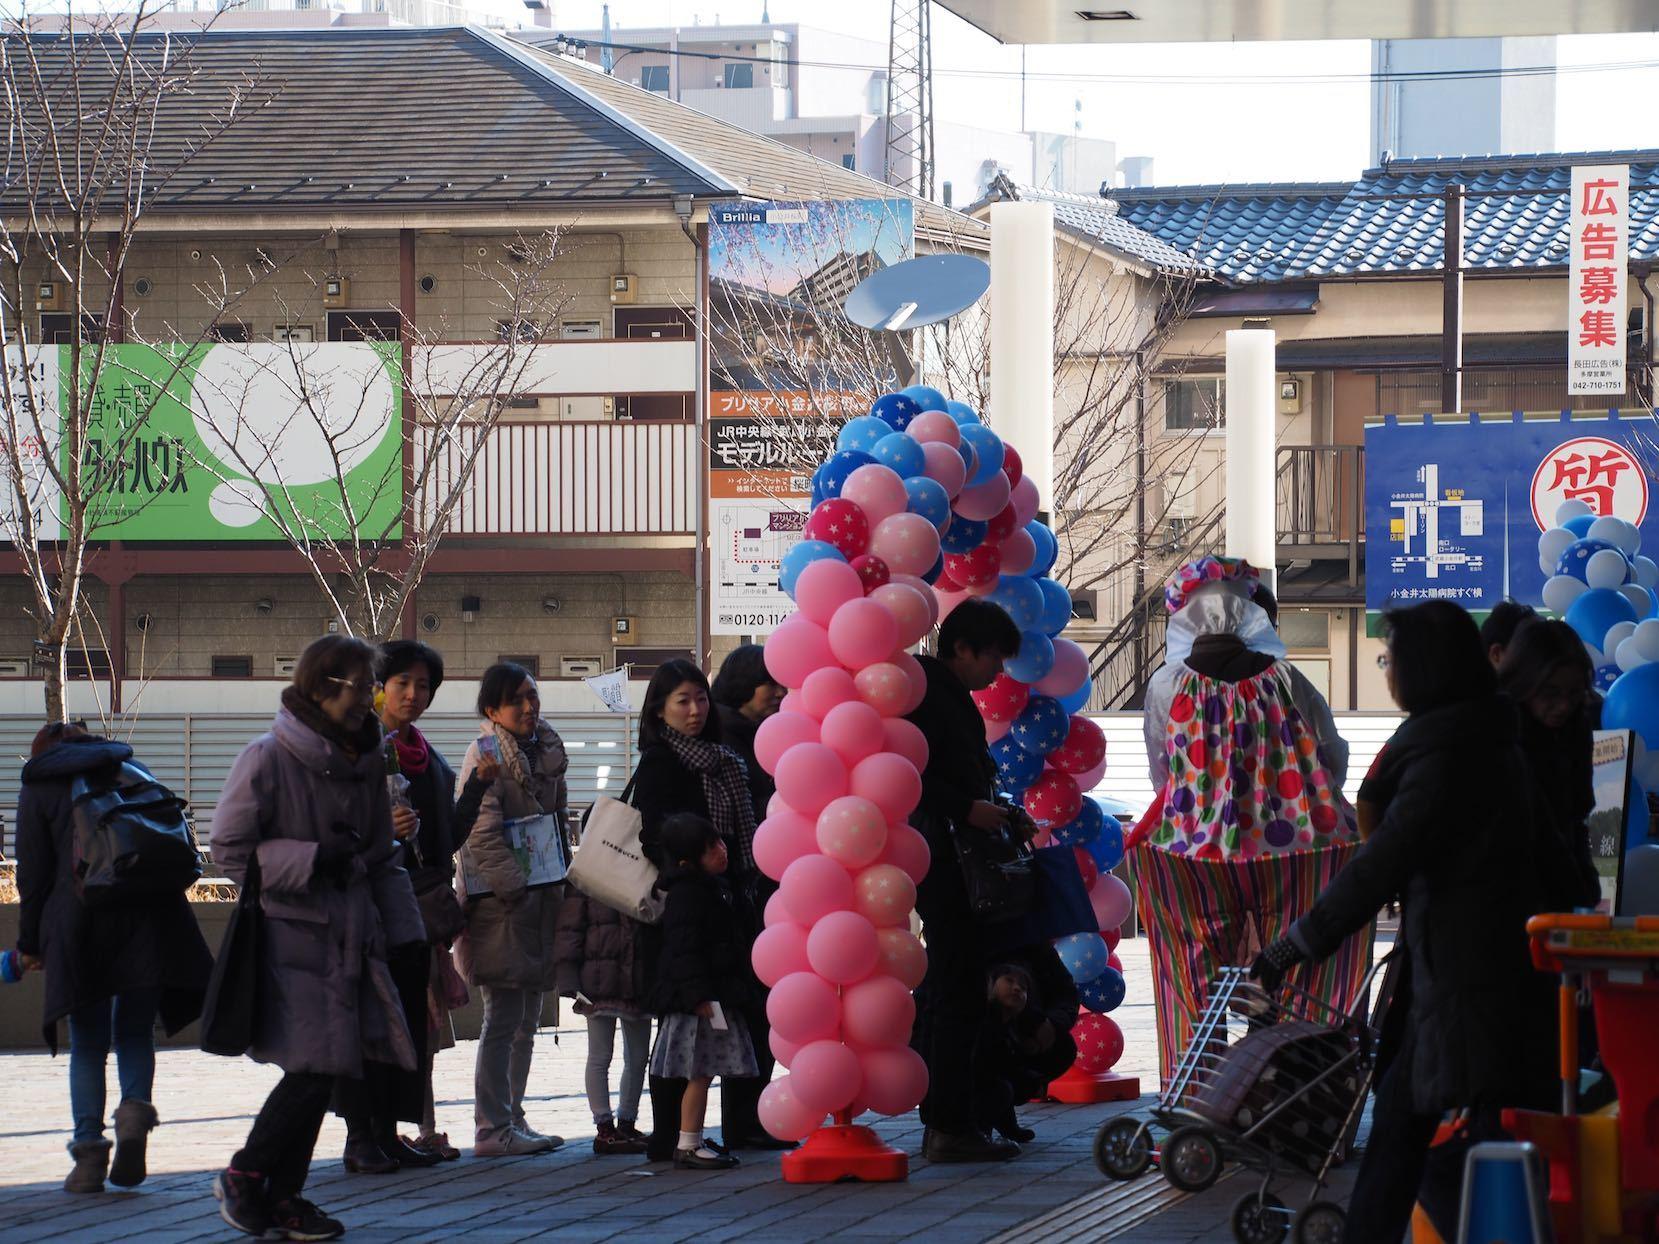 武蔵小金井駅周辺10_b0360240_22444296.jpg